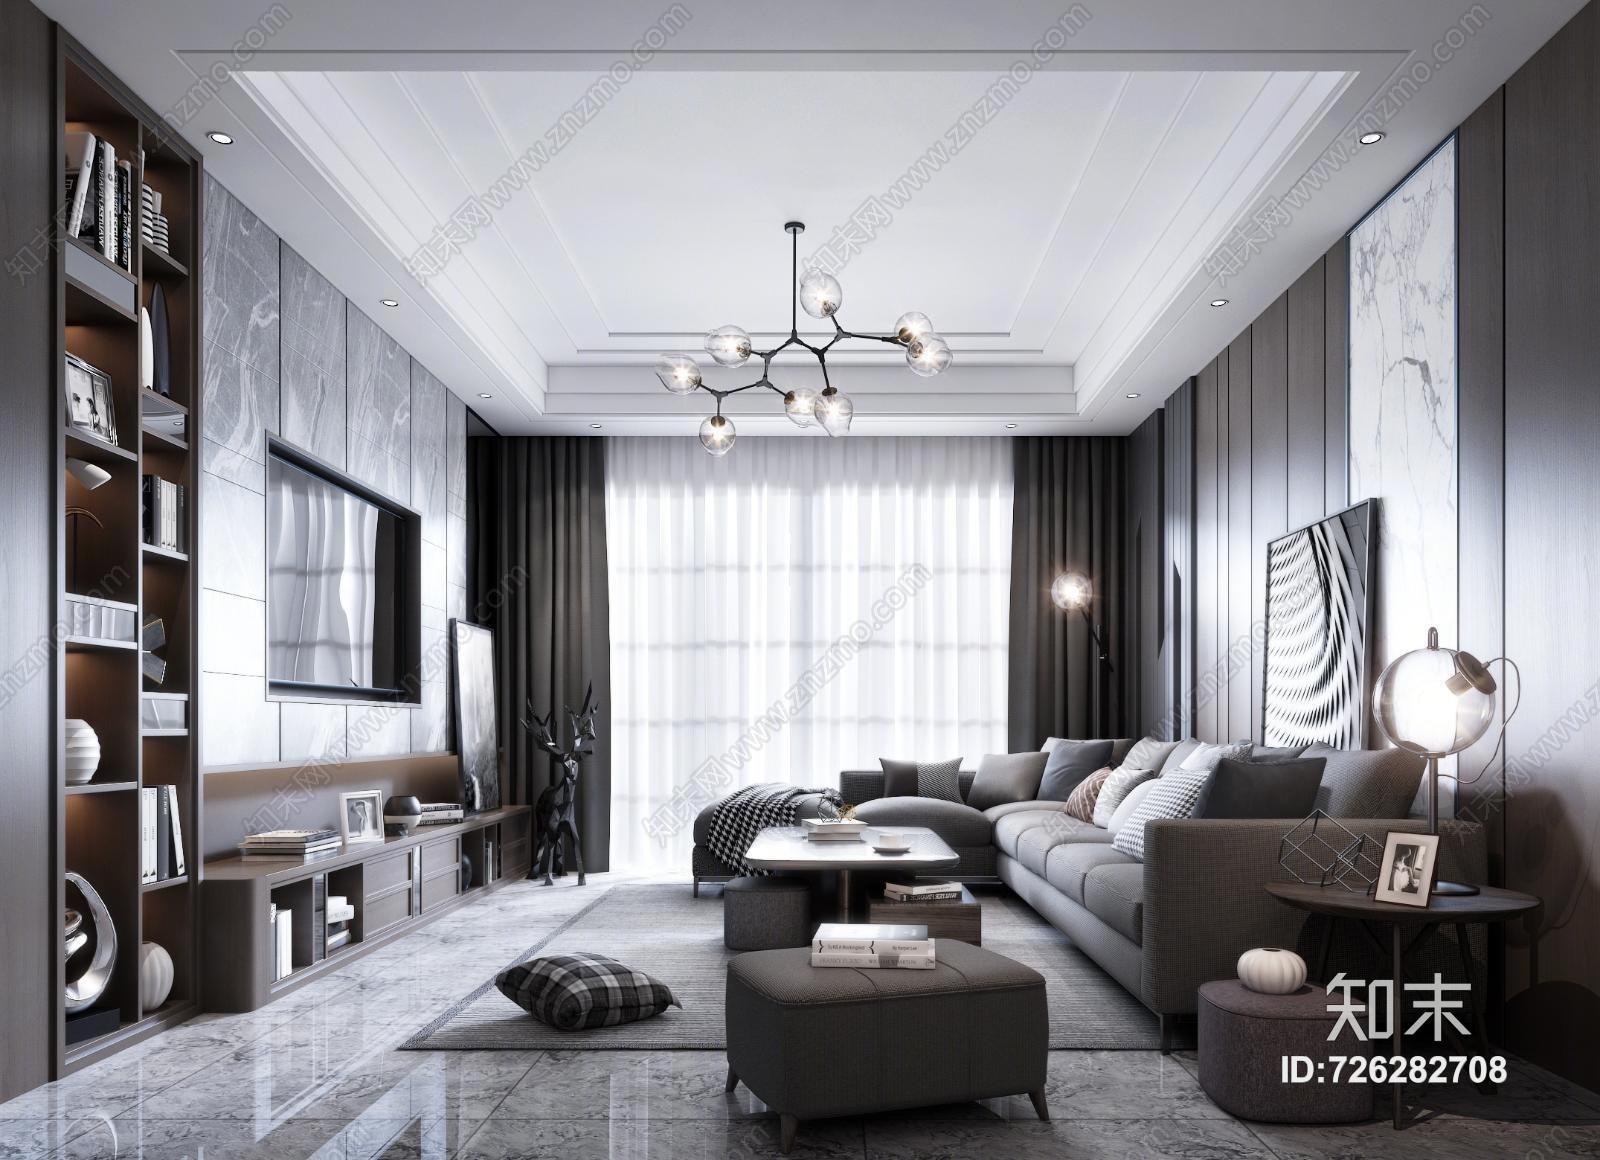 现代客厅 沙发组合 茶几 窗帘 吊灯 台灯 挂画 装饰品